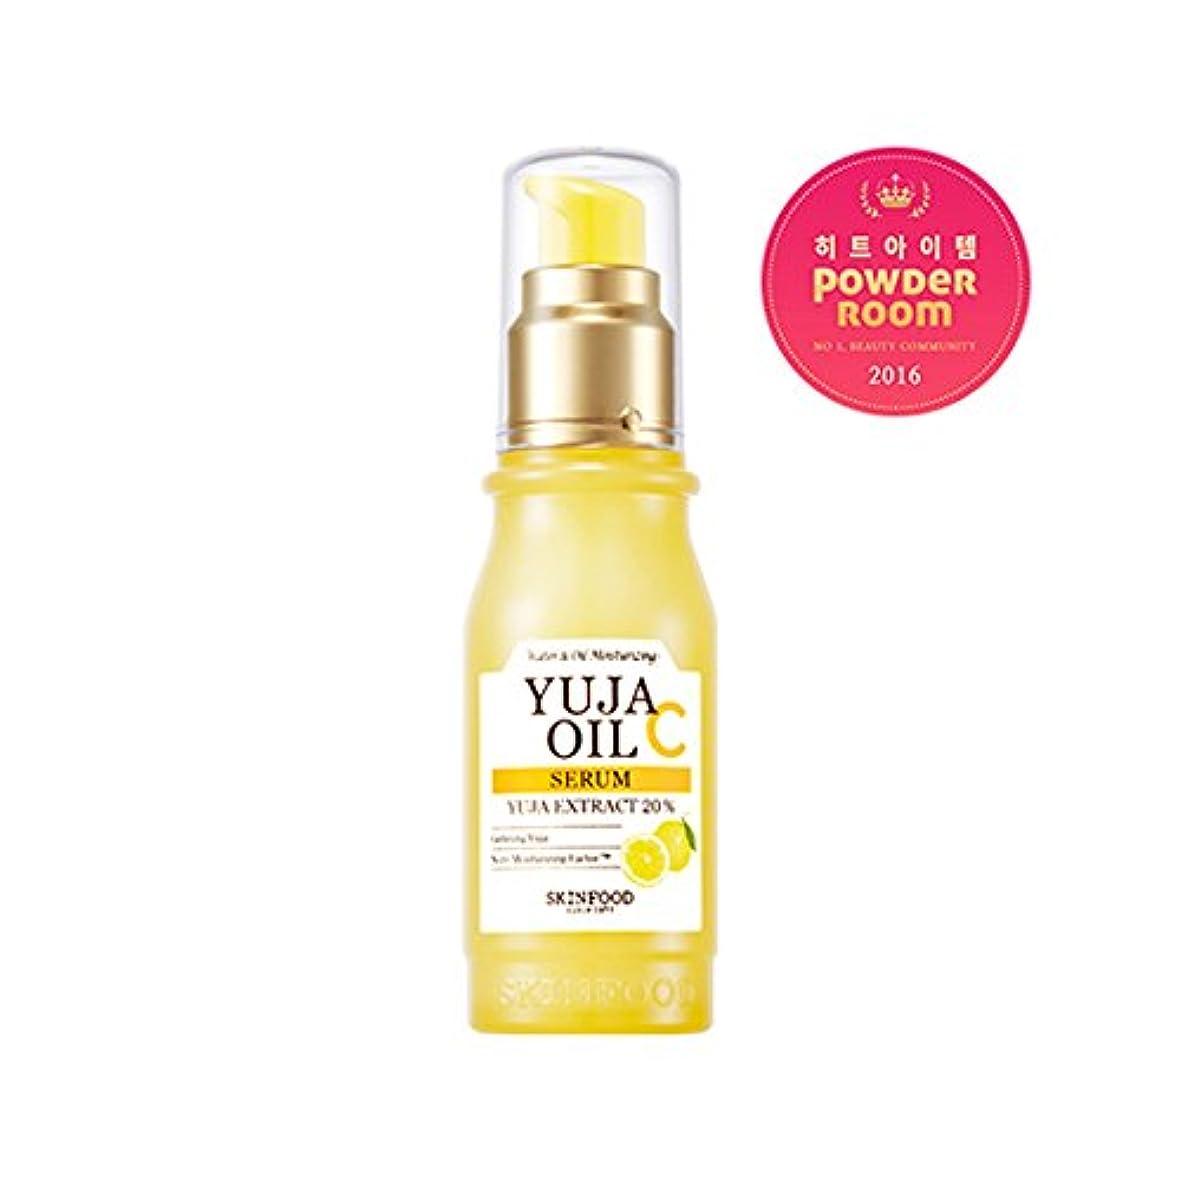 シャンパン責め政治家[New] SKINFOOD Yuja Oil C Serum 50ml/スキンフード 柚子 オイル C セラム 50ml [並行輸入品]